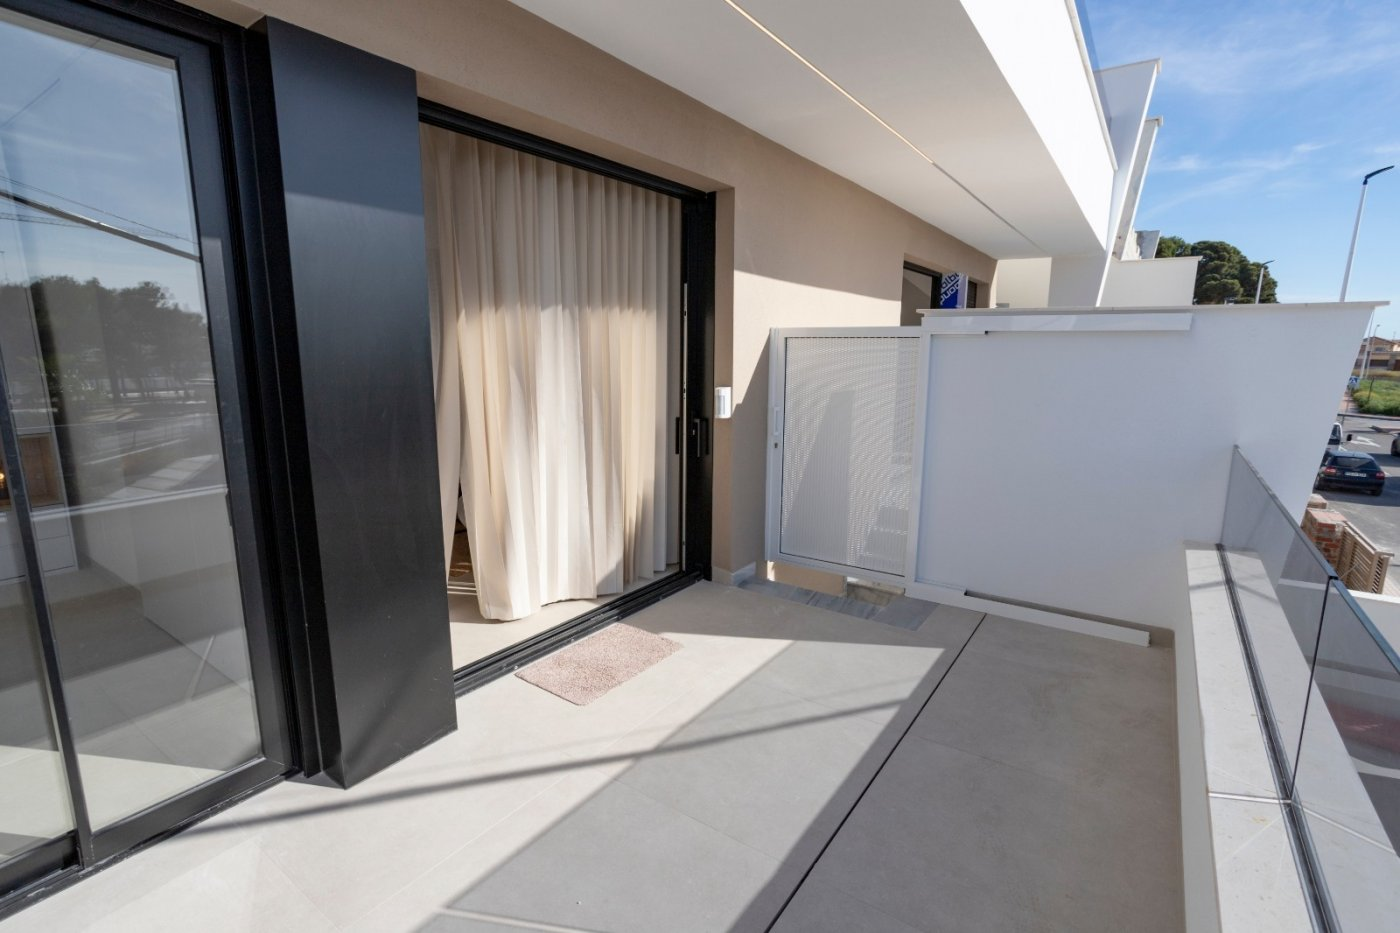 Apartamento moderno en san pedro del pinatar - imagenInmueble23